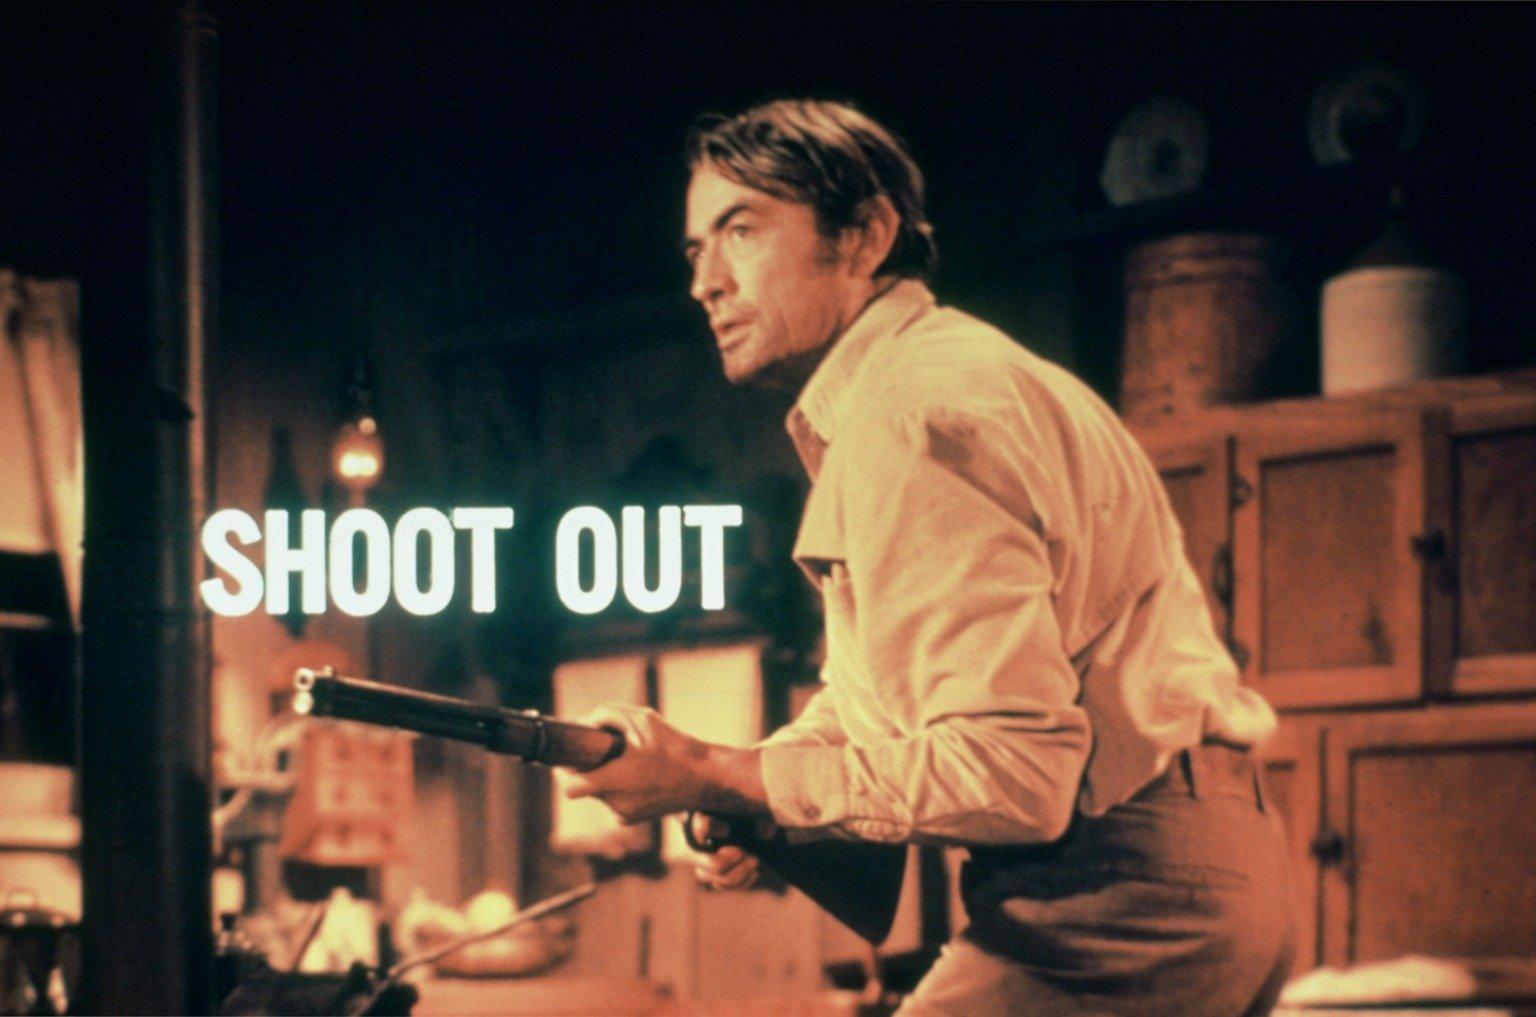 Nachdem er bei einem gemeinsamen Banküberfall von seinem Partner sam niedergeschossen wurde, will Clay Lomax (Gregory Peck) nun Rache… – Bild: Universal Pictures Lizenzbild frei